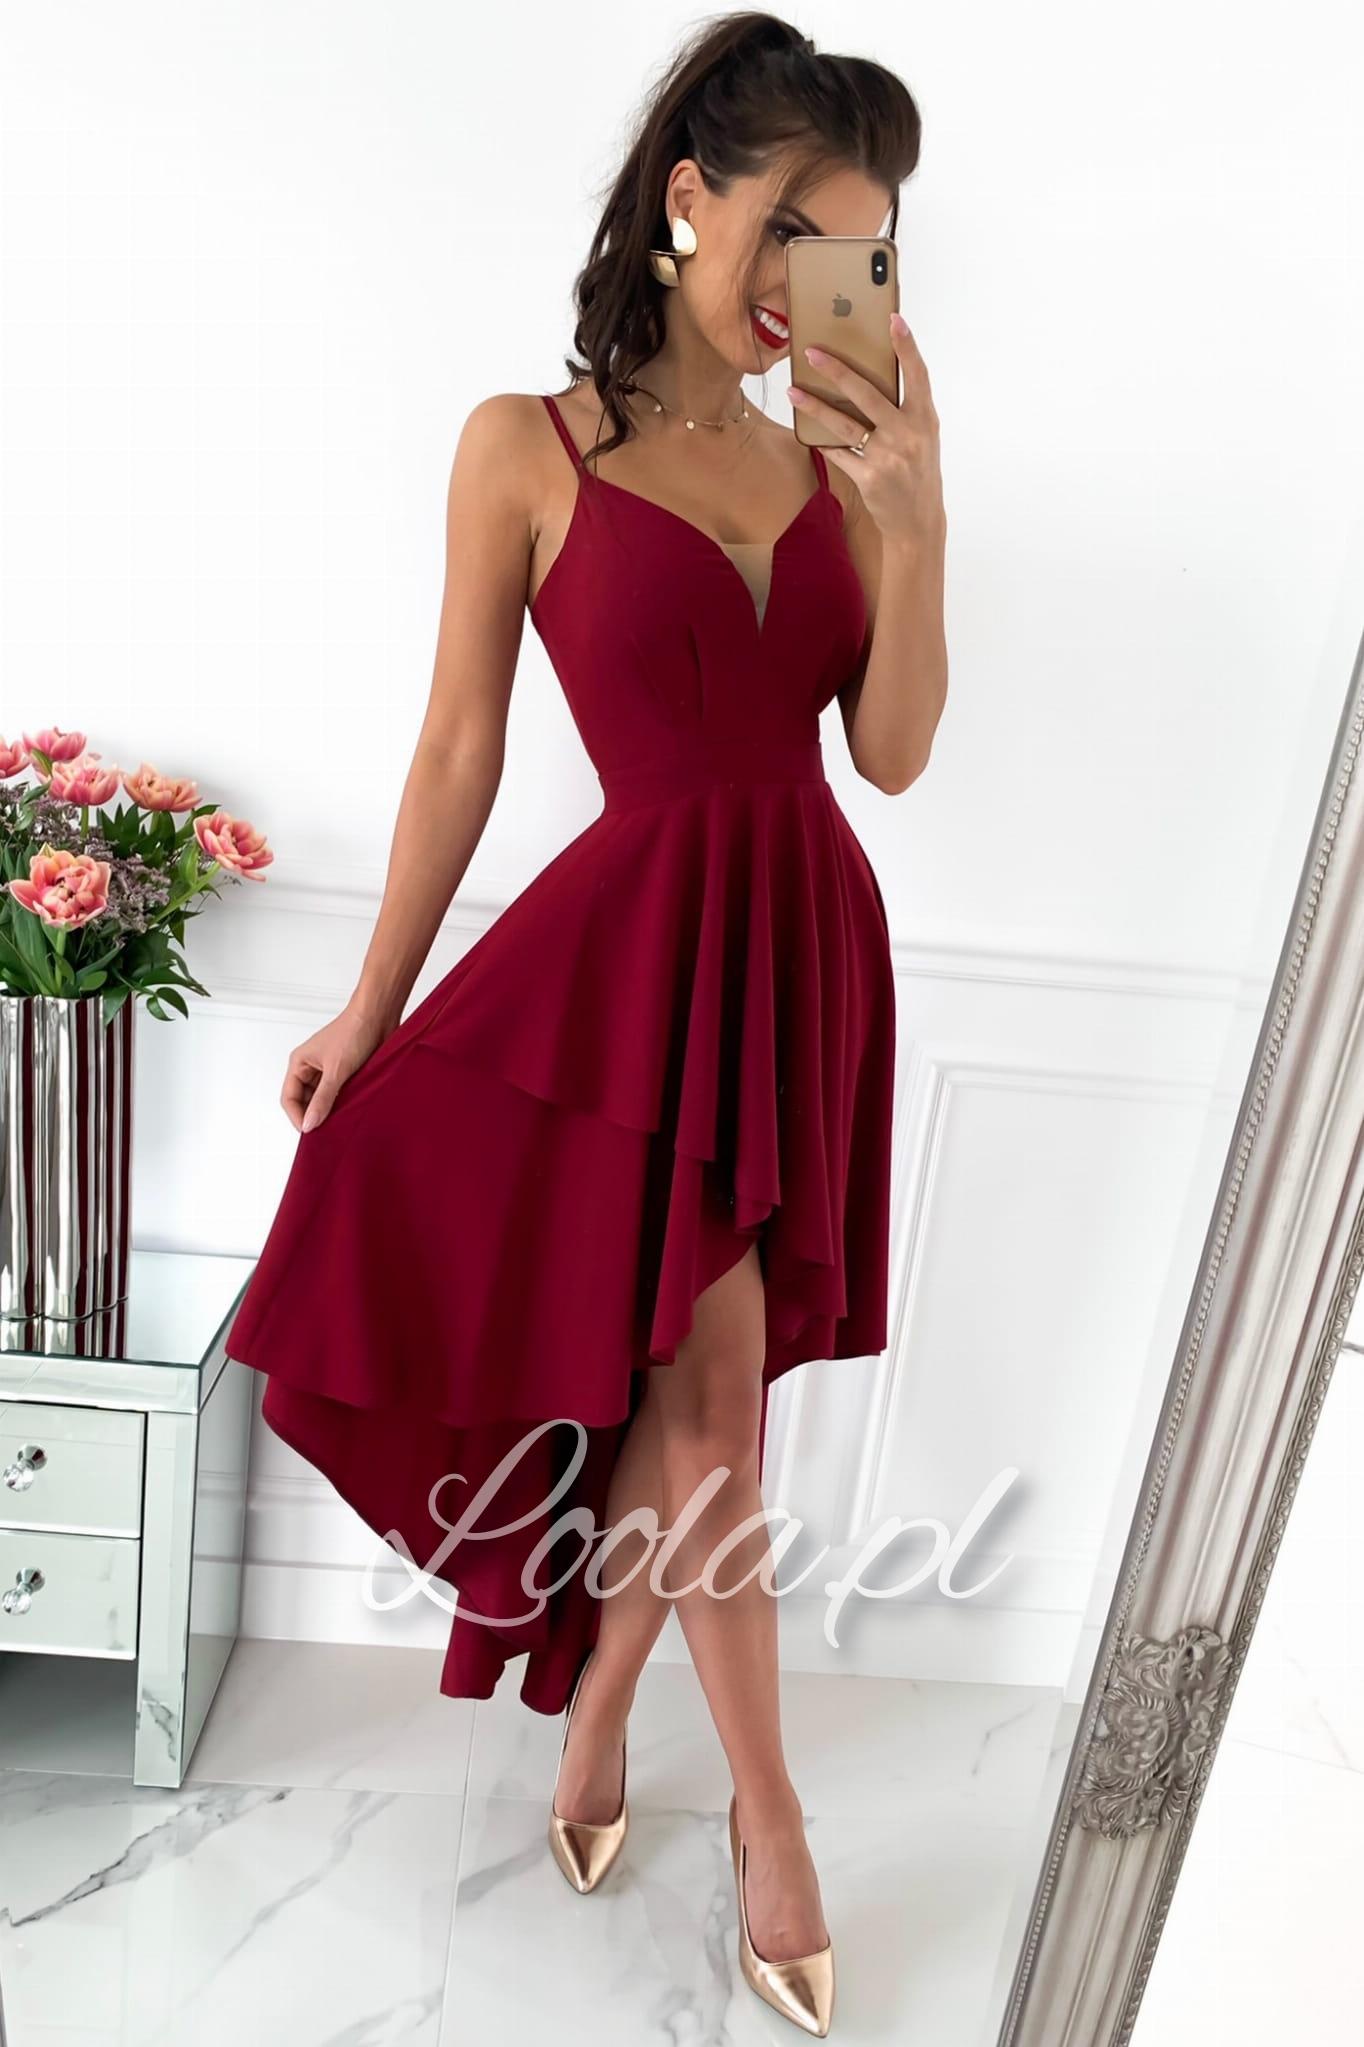 HEART bordowa Zwiewna, asymetryczna sukienka na